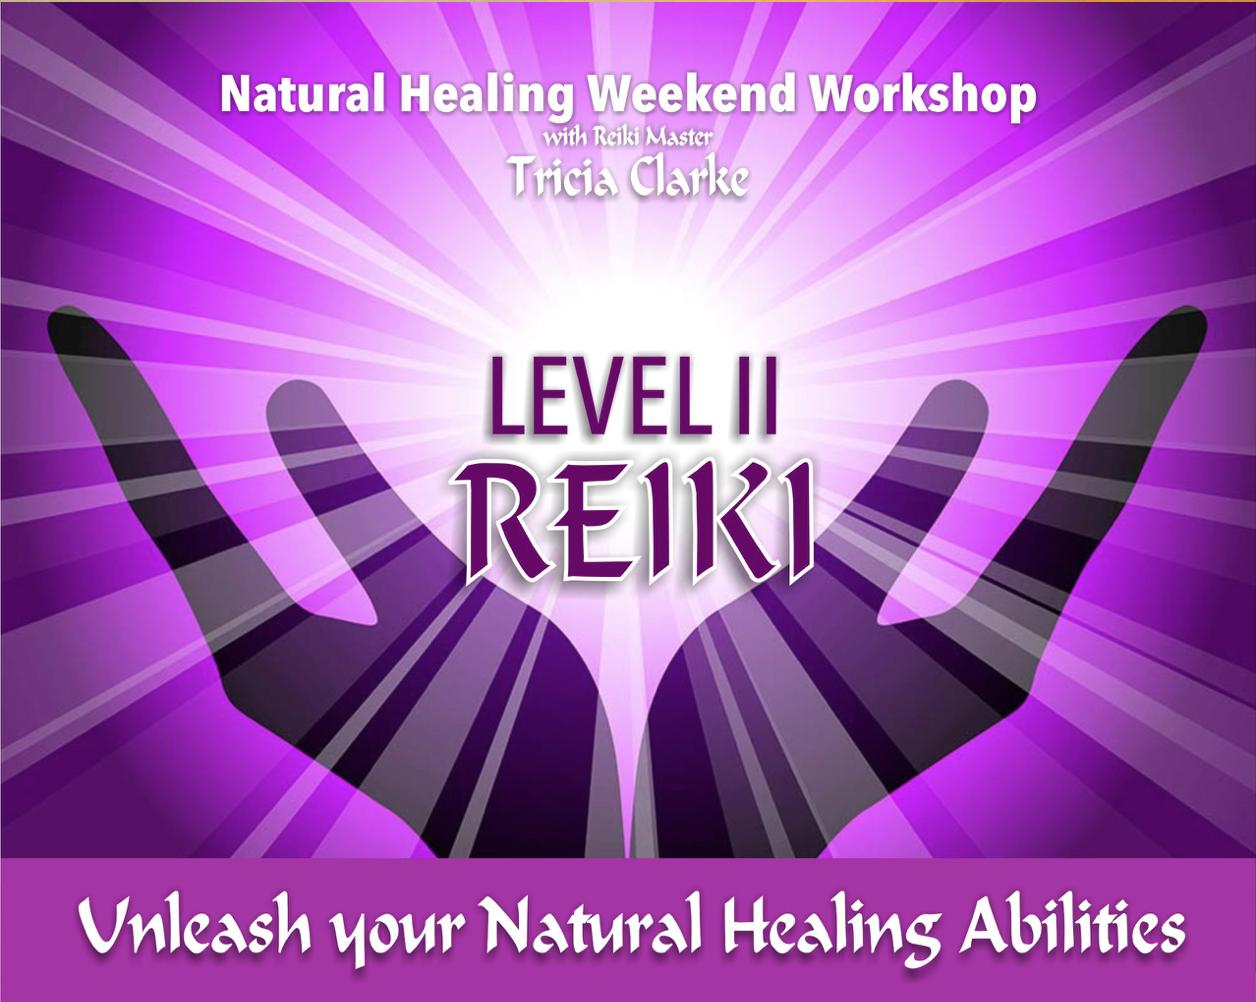 Naturual Healing Weekend Workshop